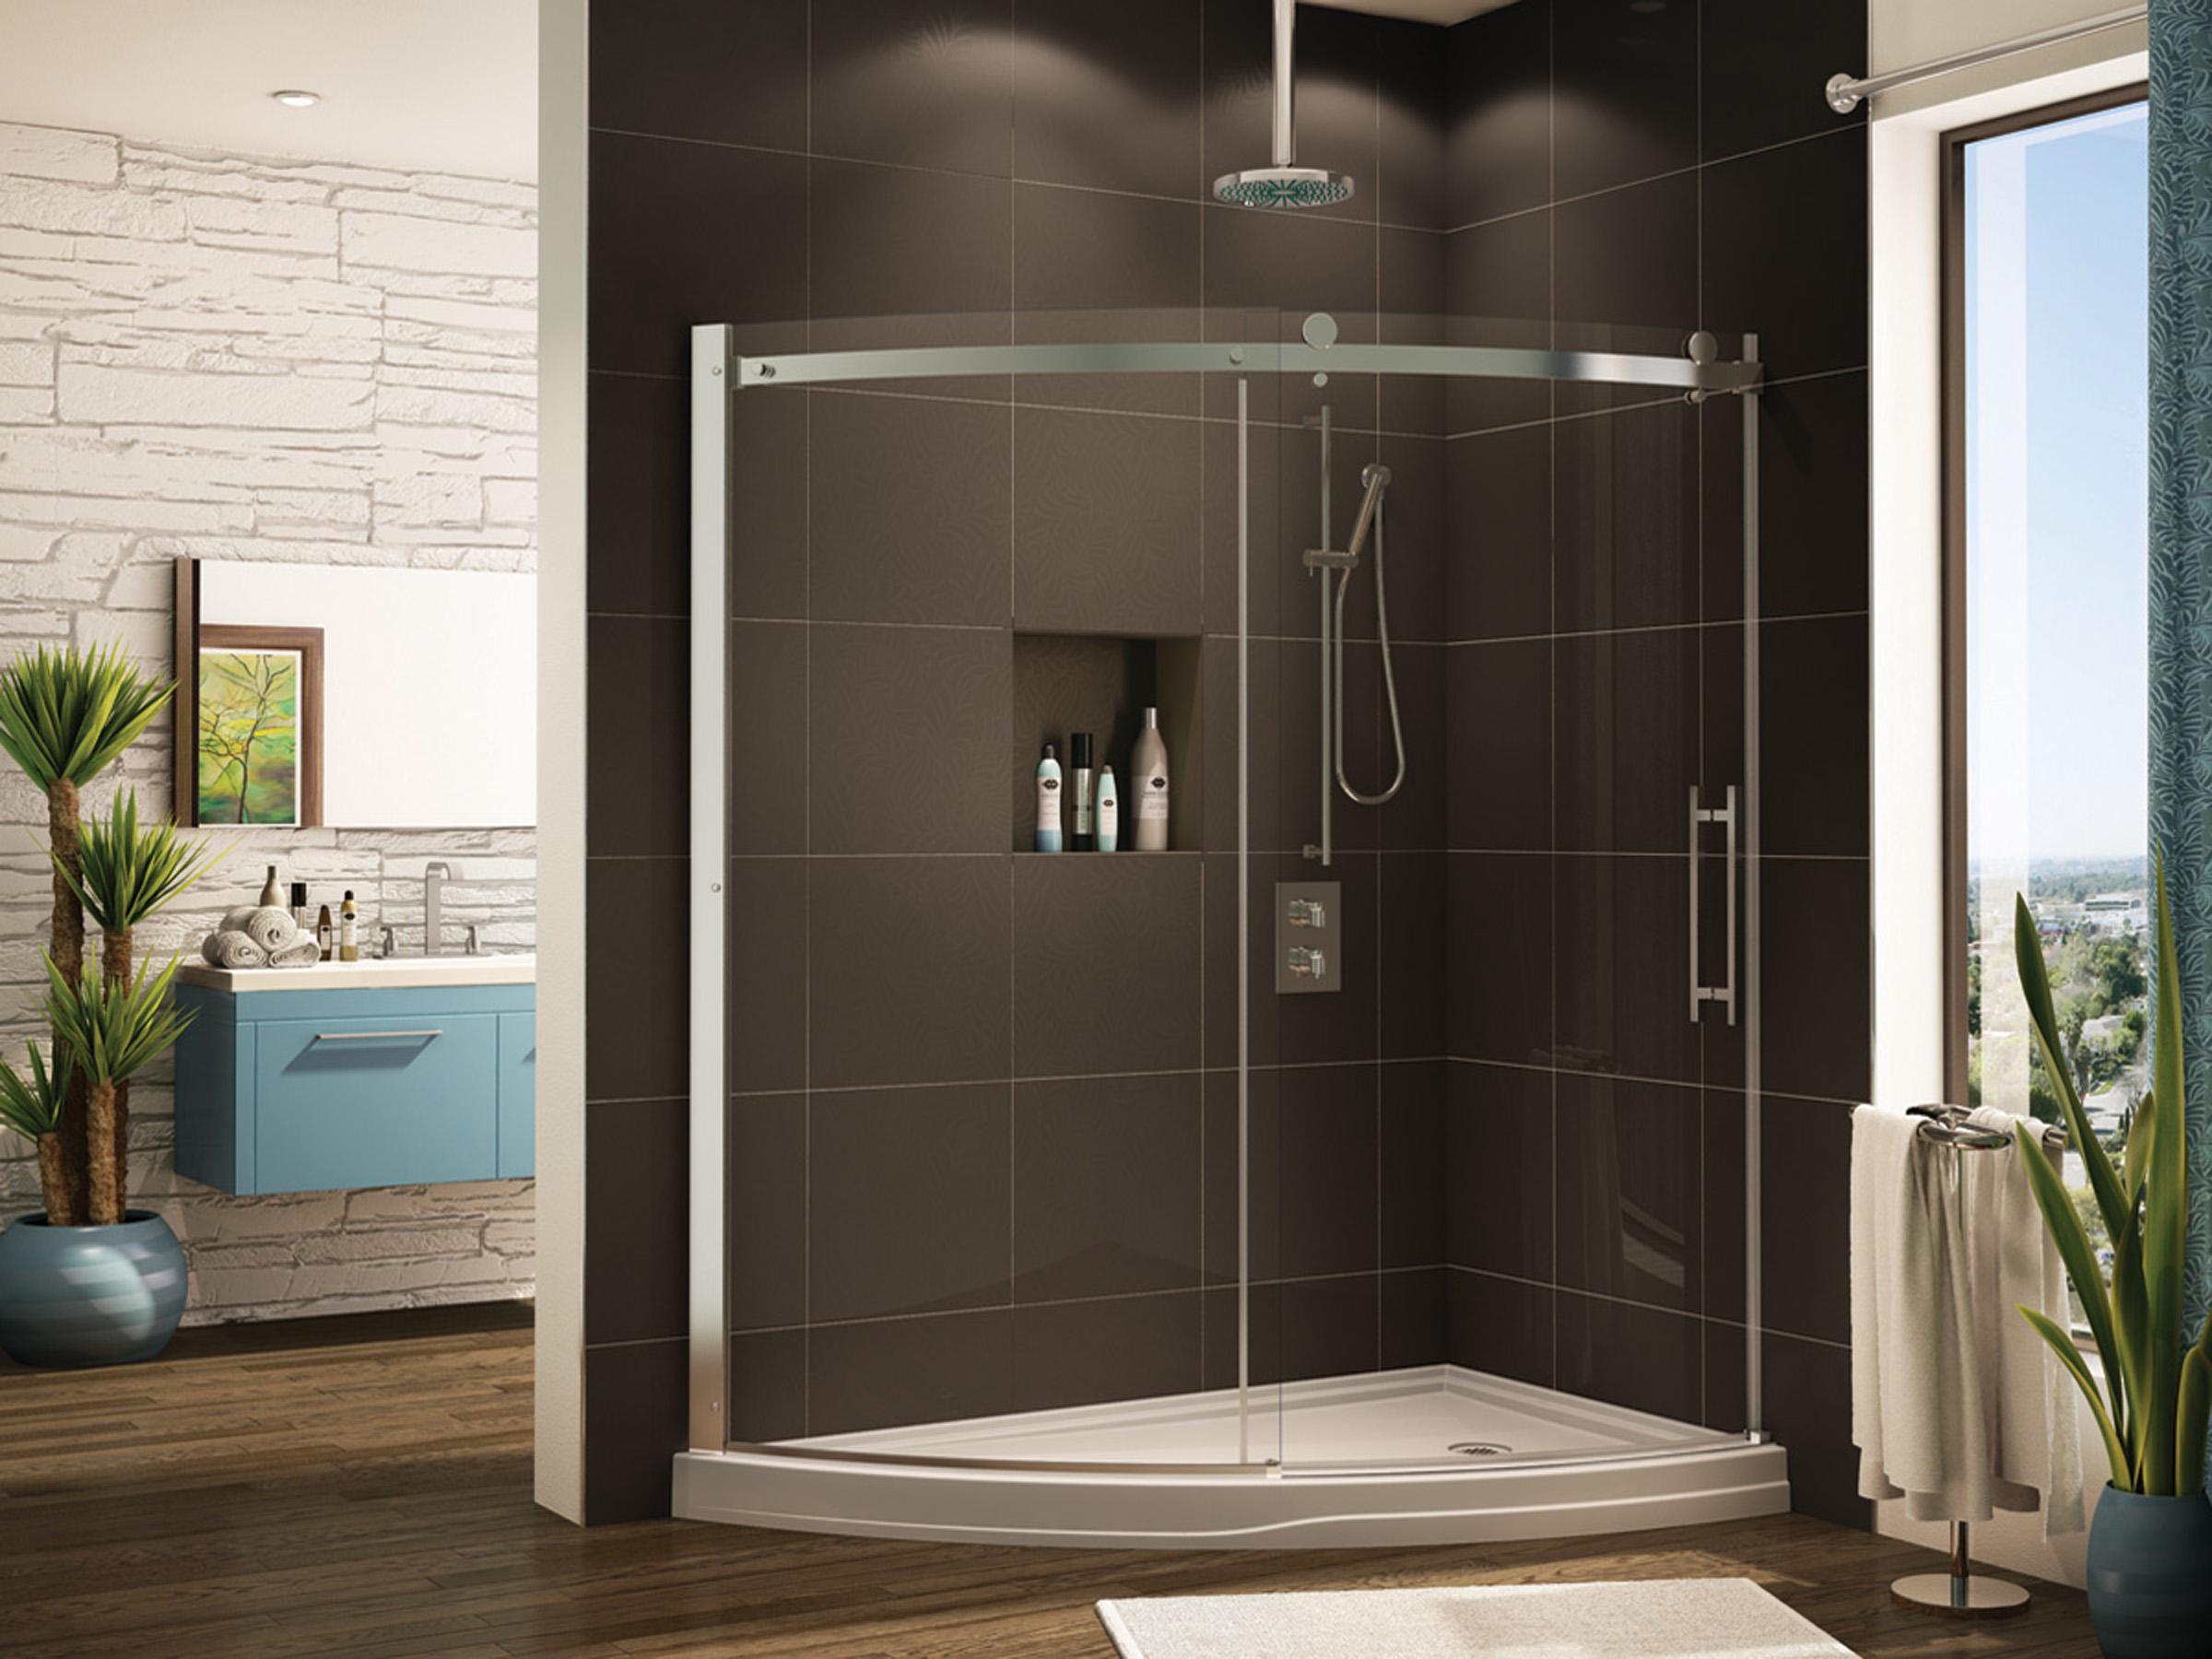 Fleurco Glass Shower Doors Novara Slice